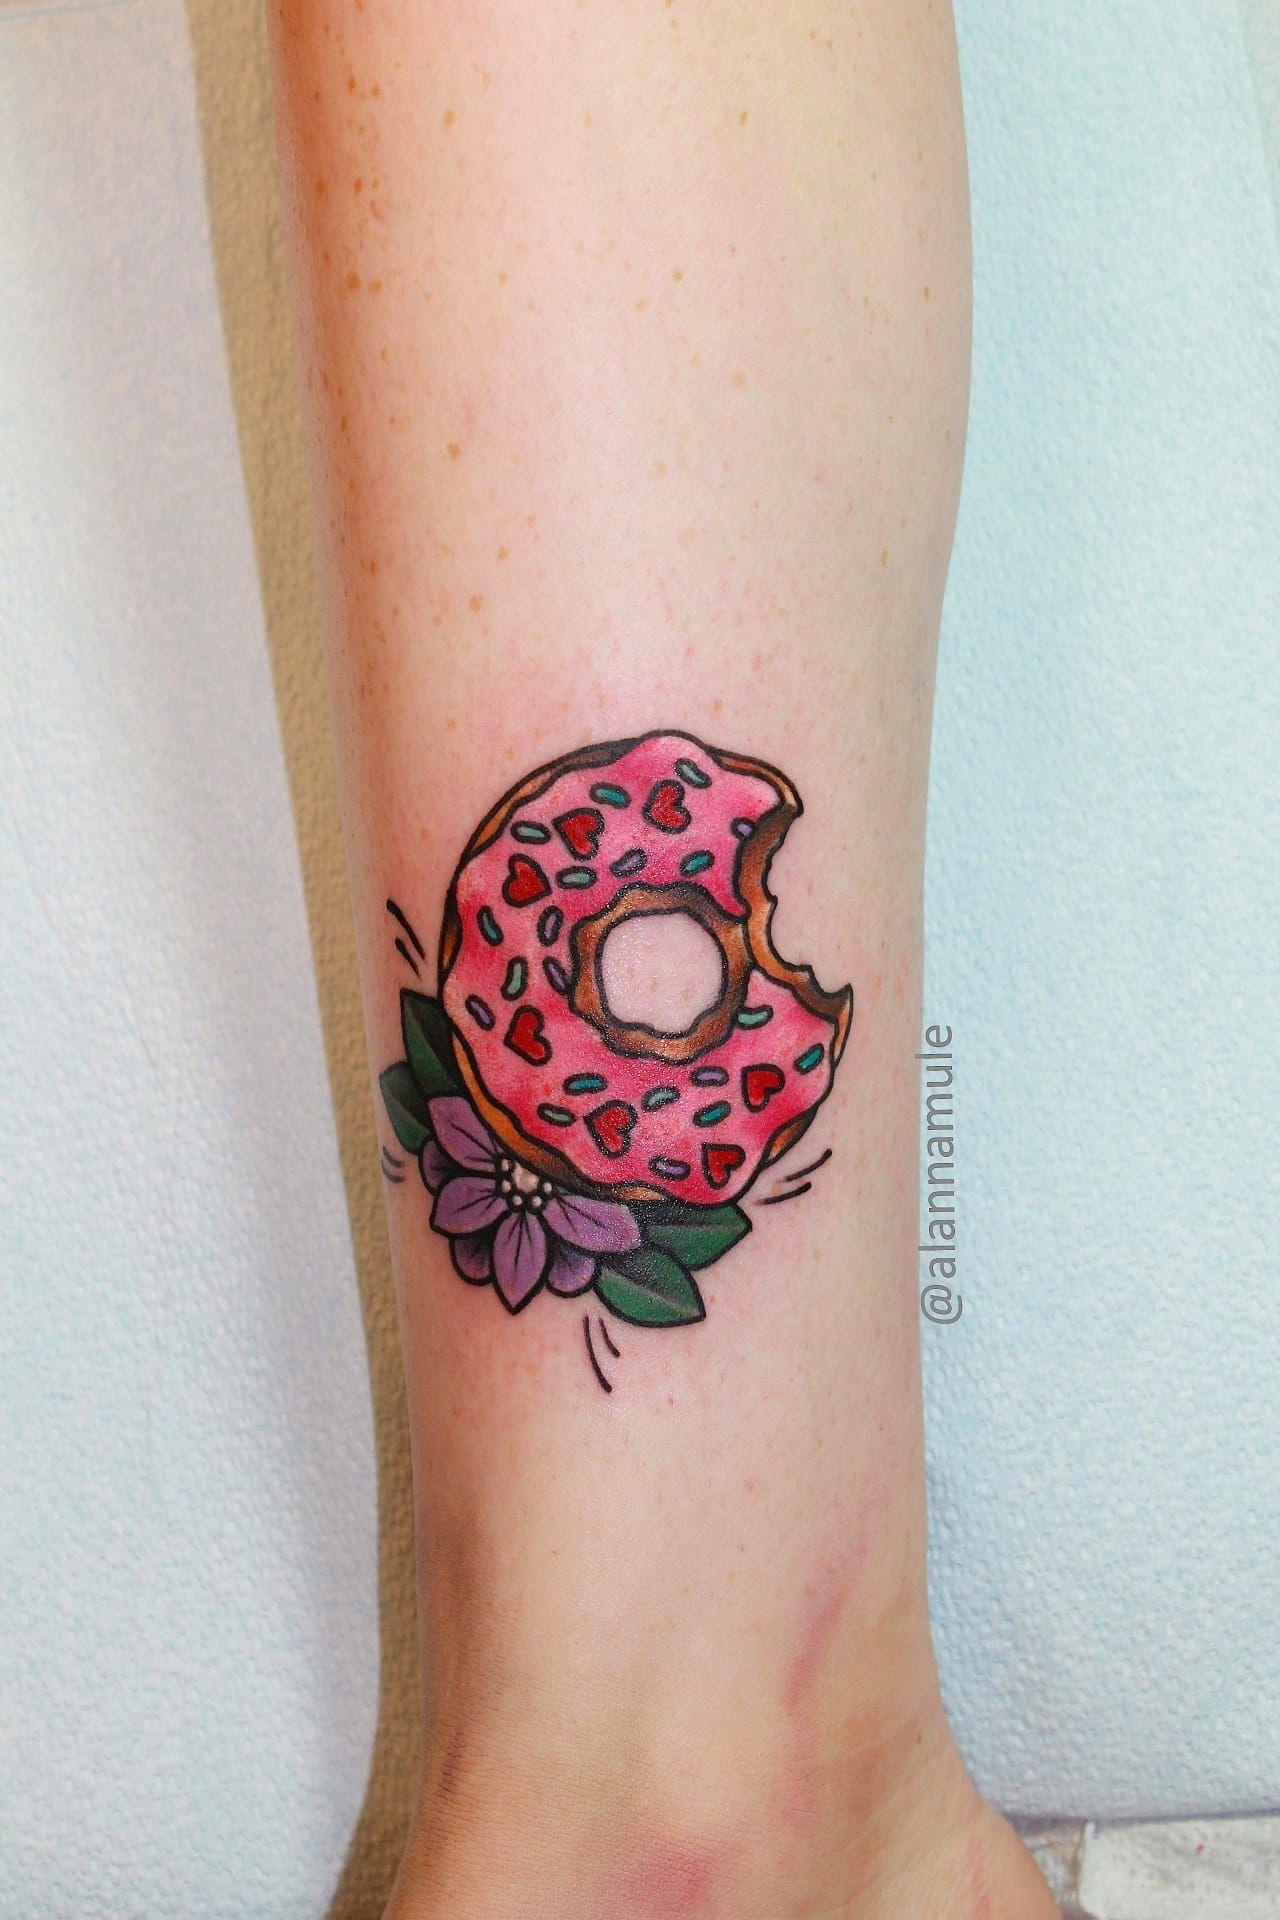 doughnut simpsons tattoo simpson 39 s tattoos ideas pinterest simpsons tattoo tattoo and. Black Bedroom Furniture Sets. Home Design Ideas